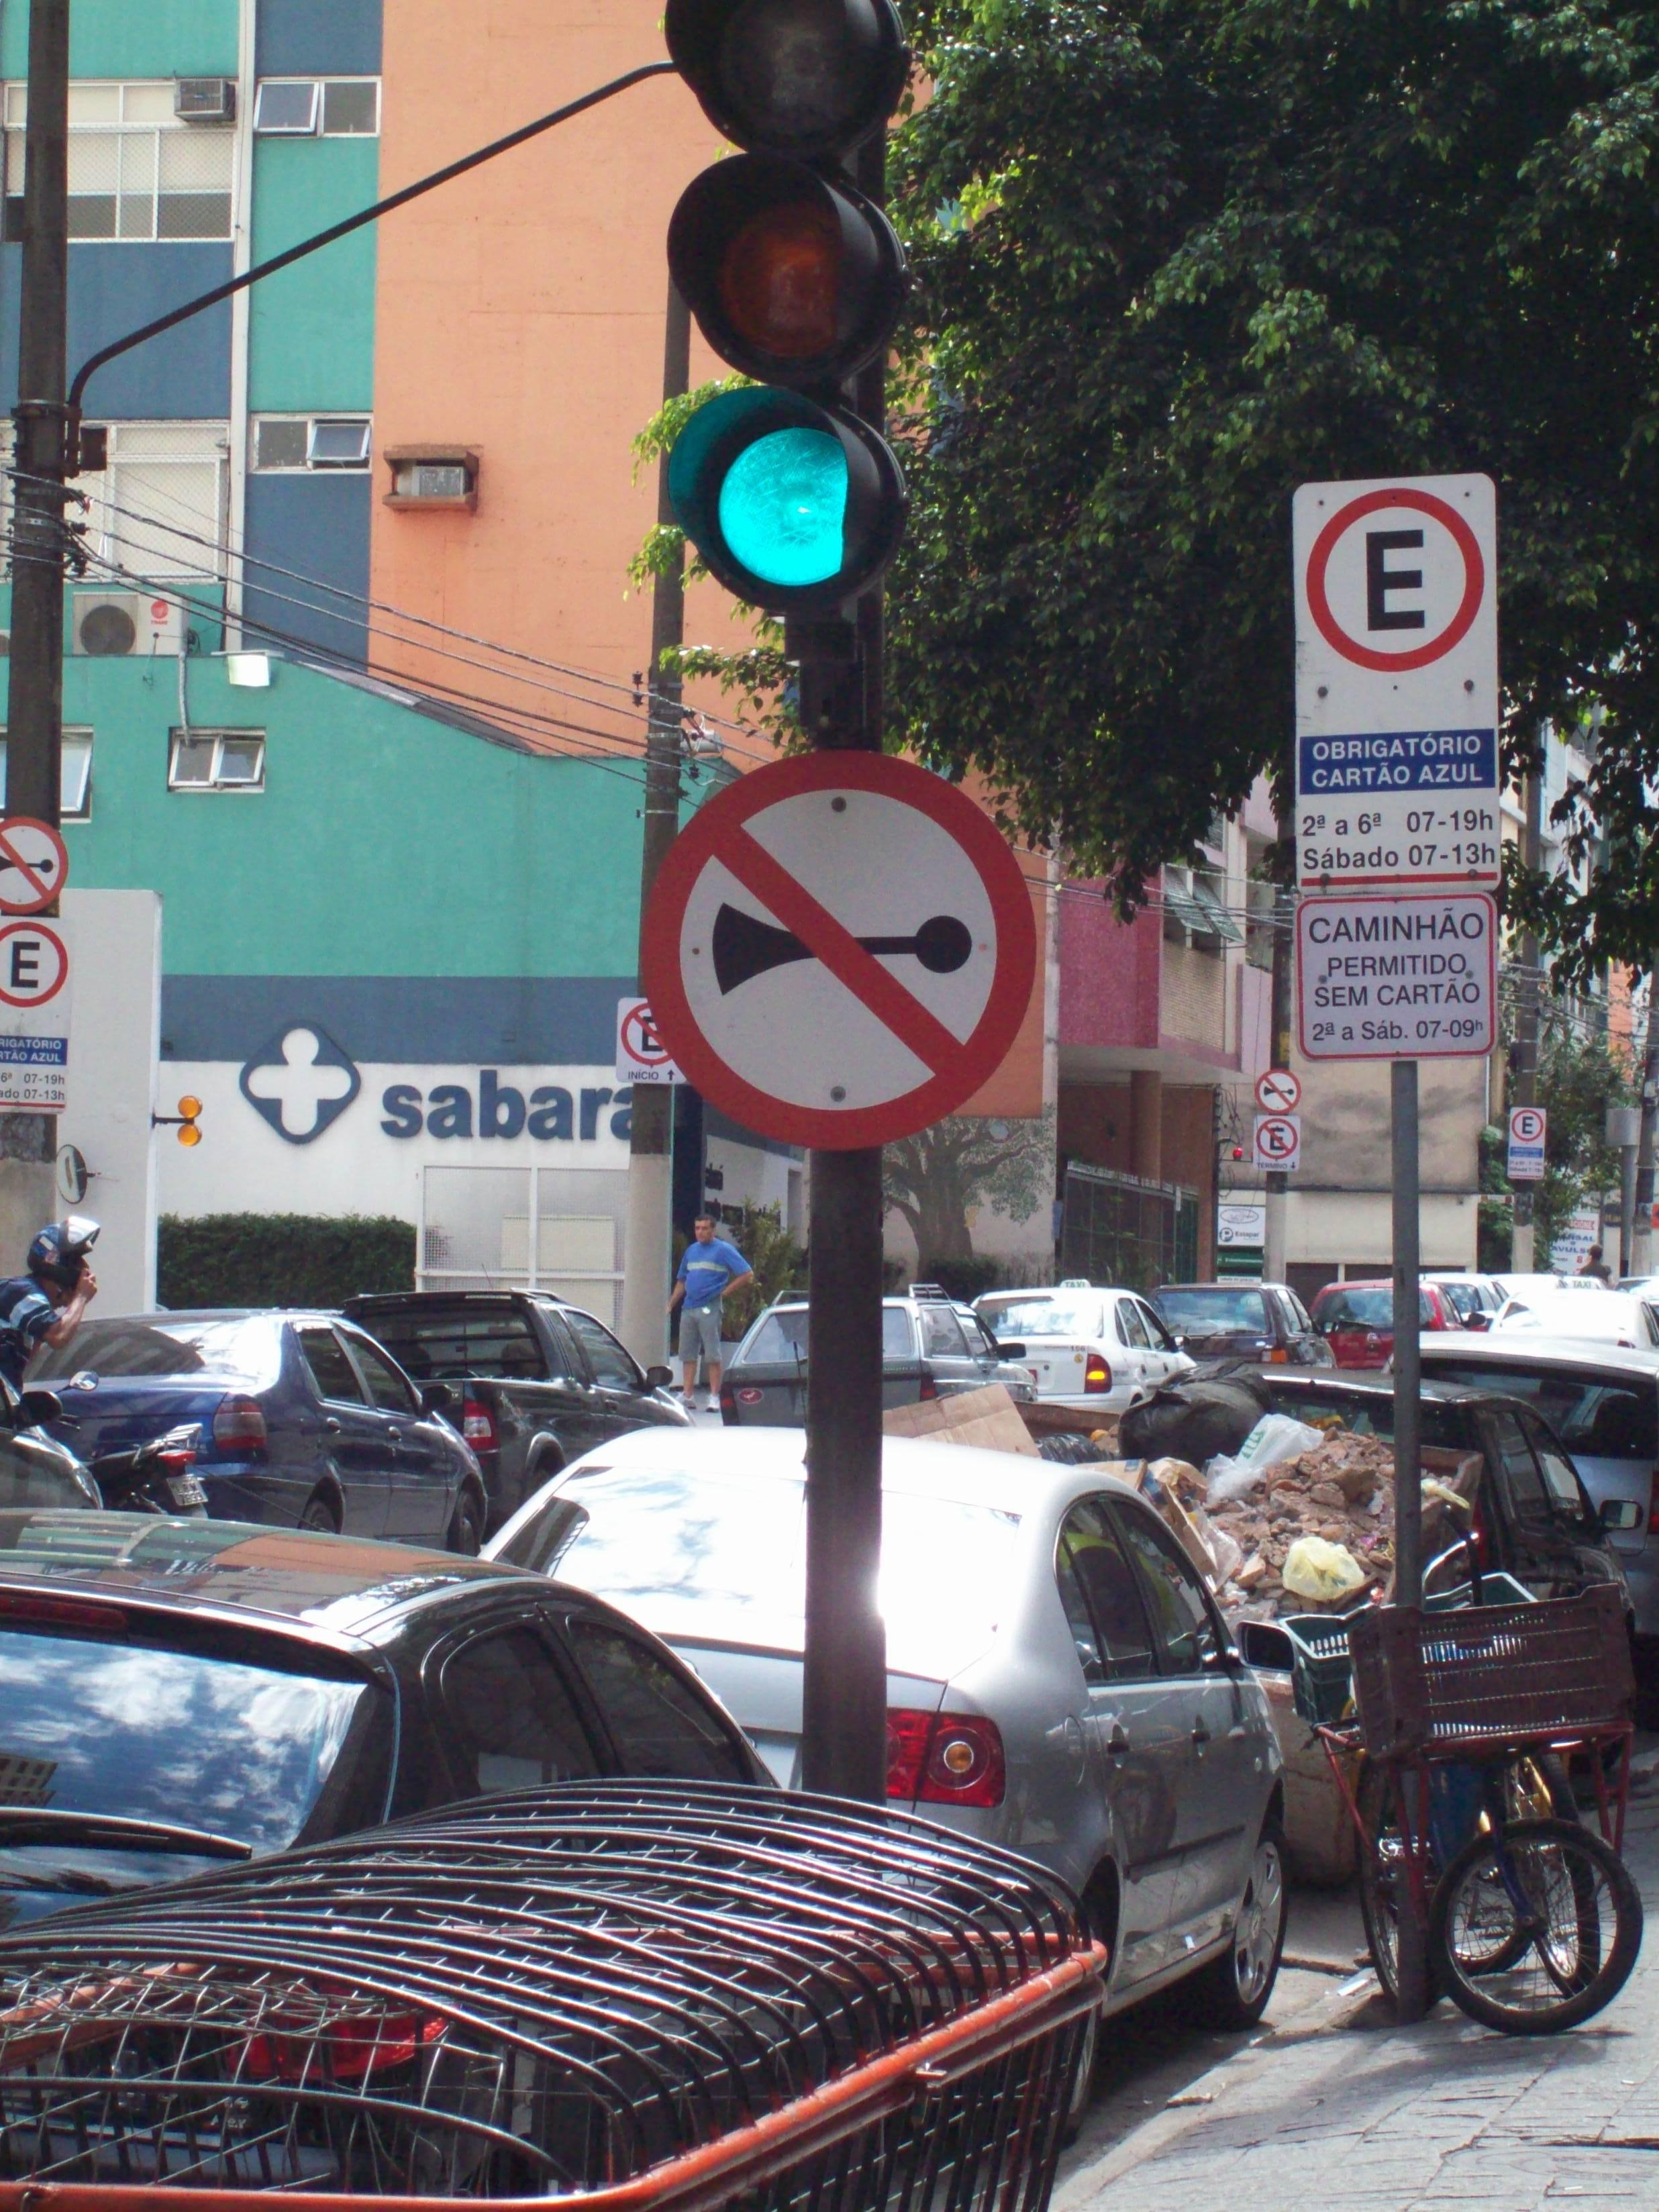 São Paulo, uma das cidade de milhares de habitantes. Com um dos maiores trânsitos da América Latina, como uma placa de proibido buzinar pode funcionar?